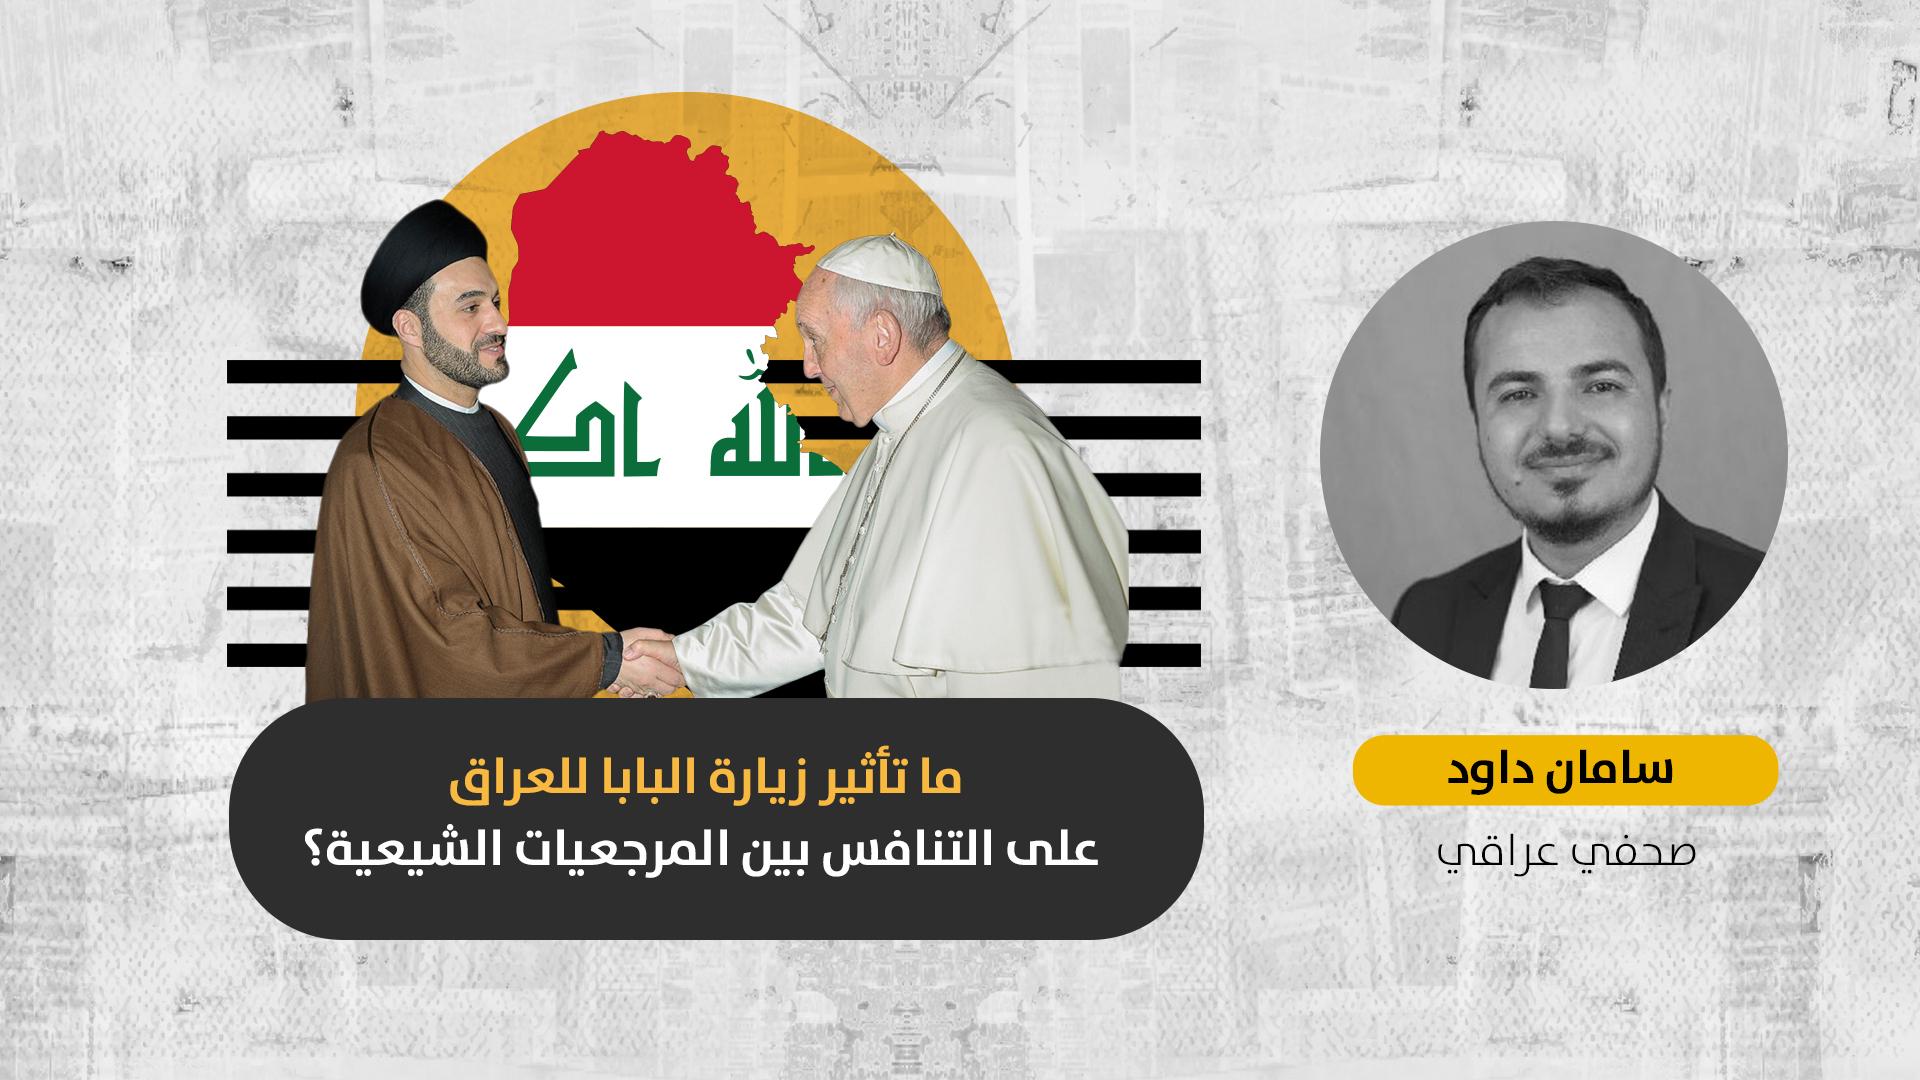 """رسائل """"أور"""": هل اختيار """"الخوئي"""" للصلاة مع البابا سعيٌ من النجف لاستبعاد رجال الدين الشيعة الموالين لإيران؟"""